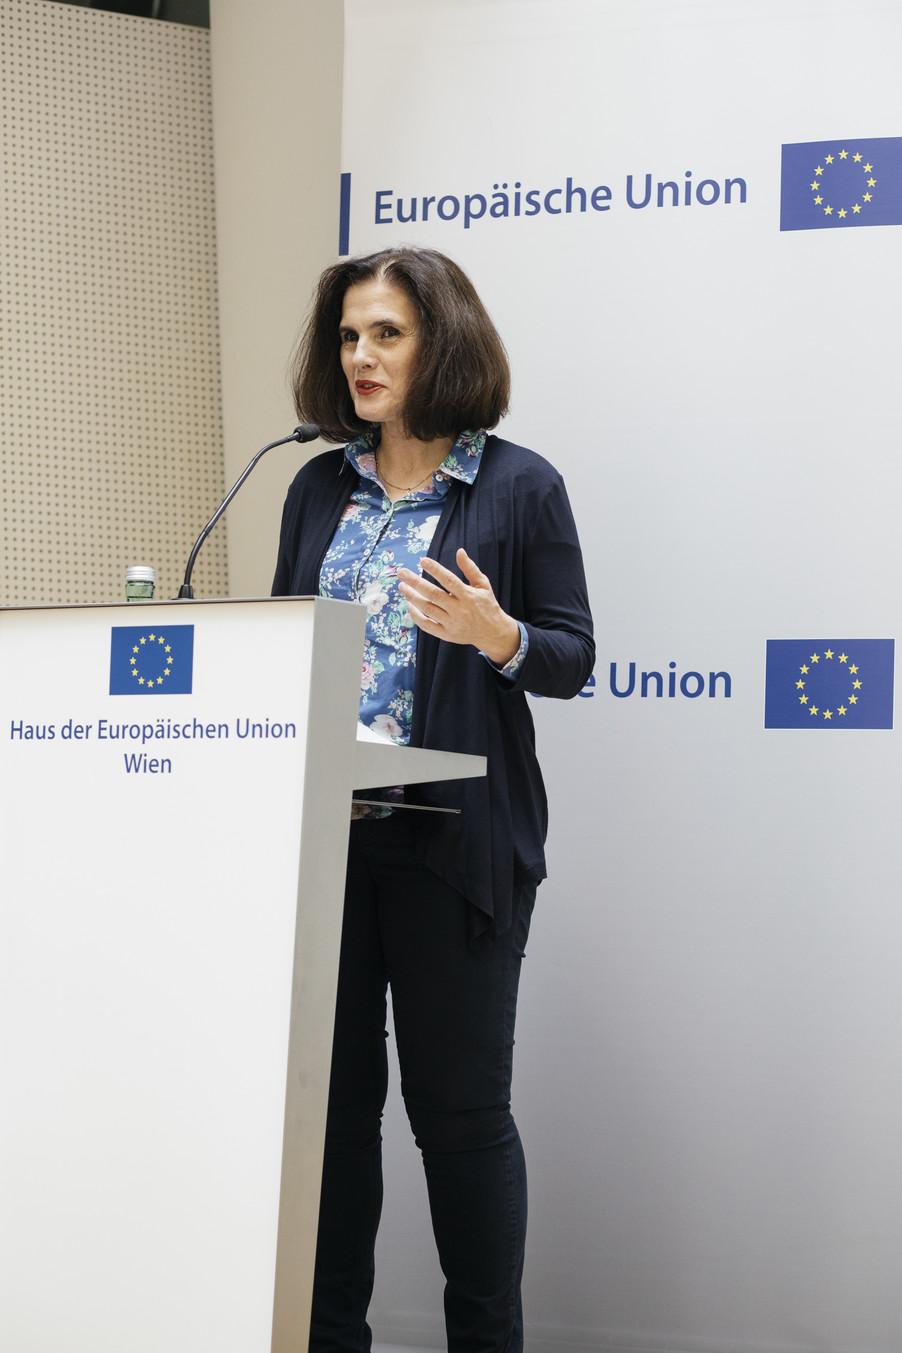 Bild 8 | Europass macht transparent: Freier Eintritt zum Arbeitsplatz Europa? Wie Europass und Erasmus+ ...